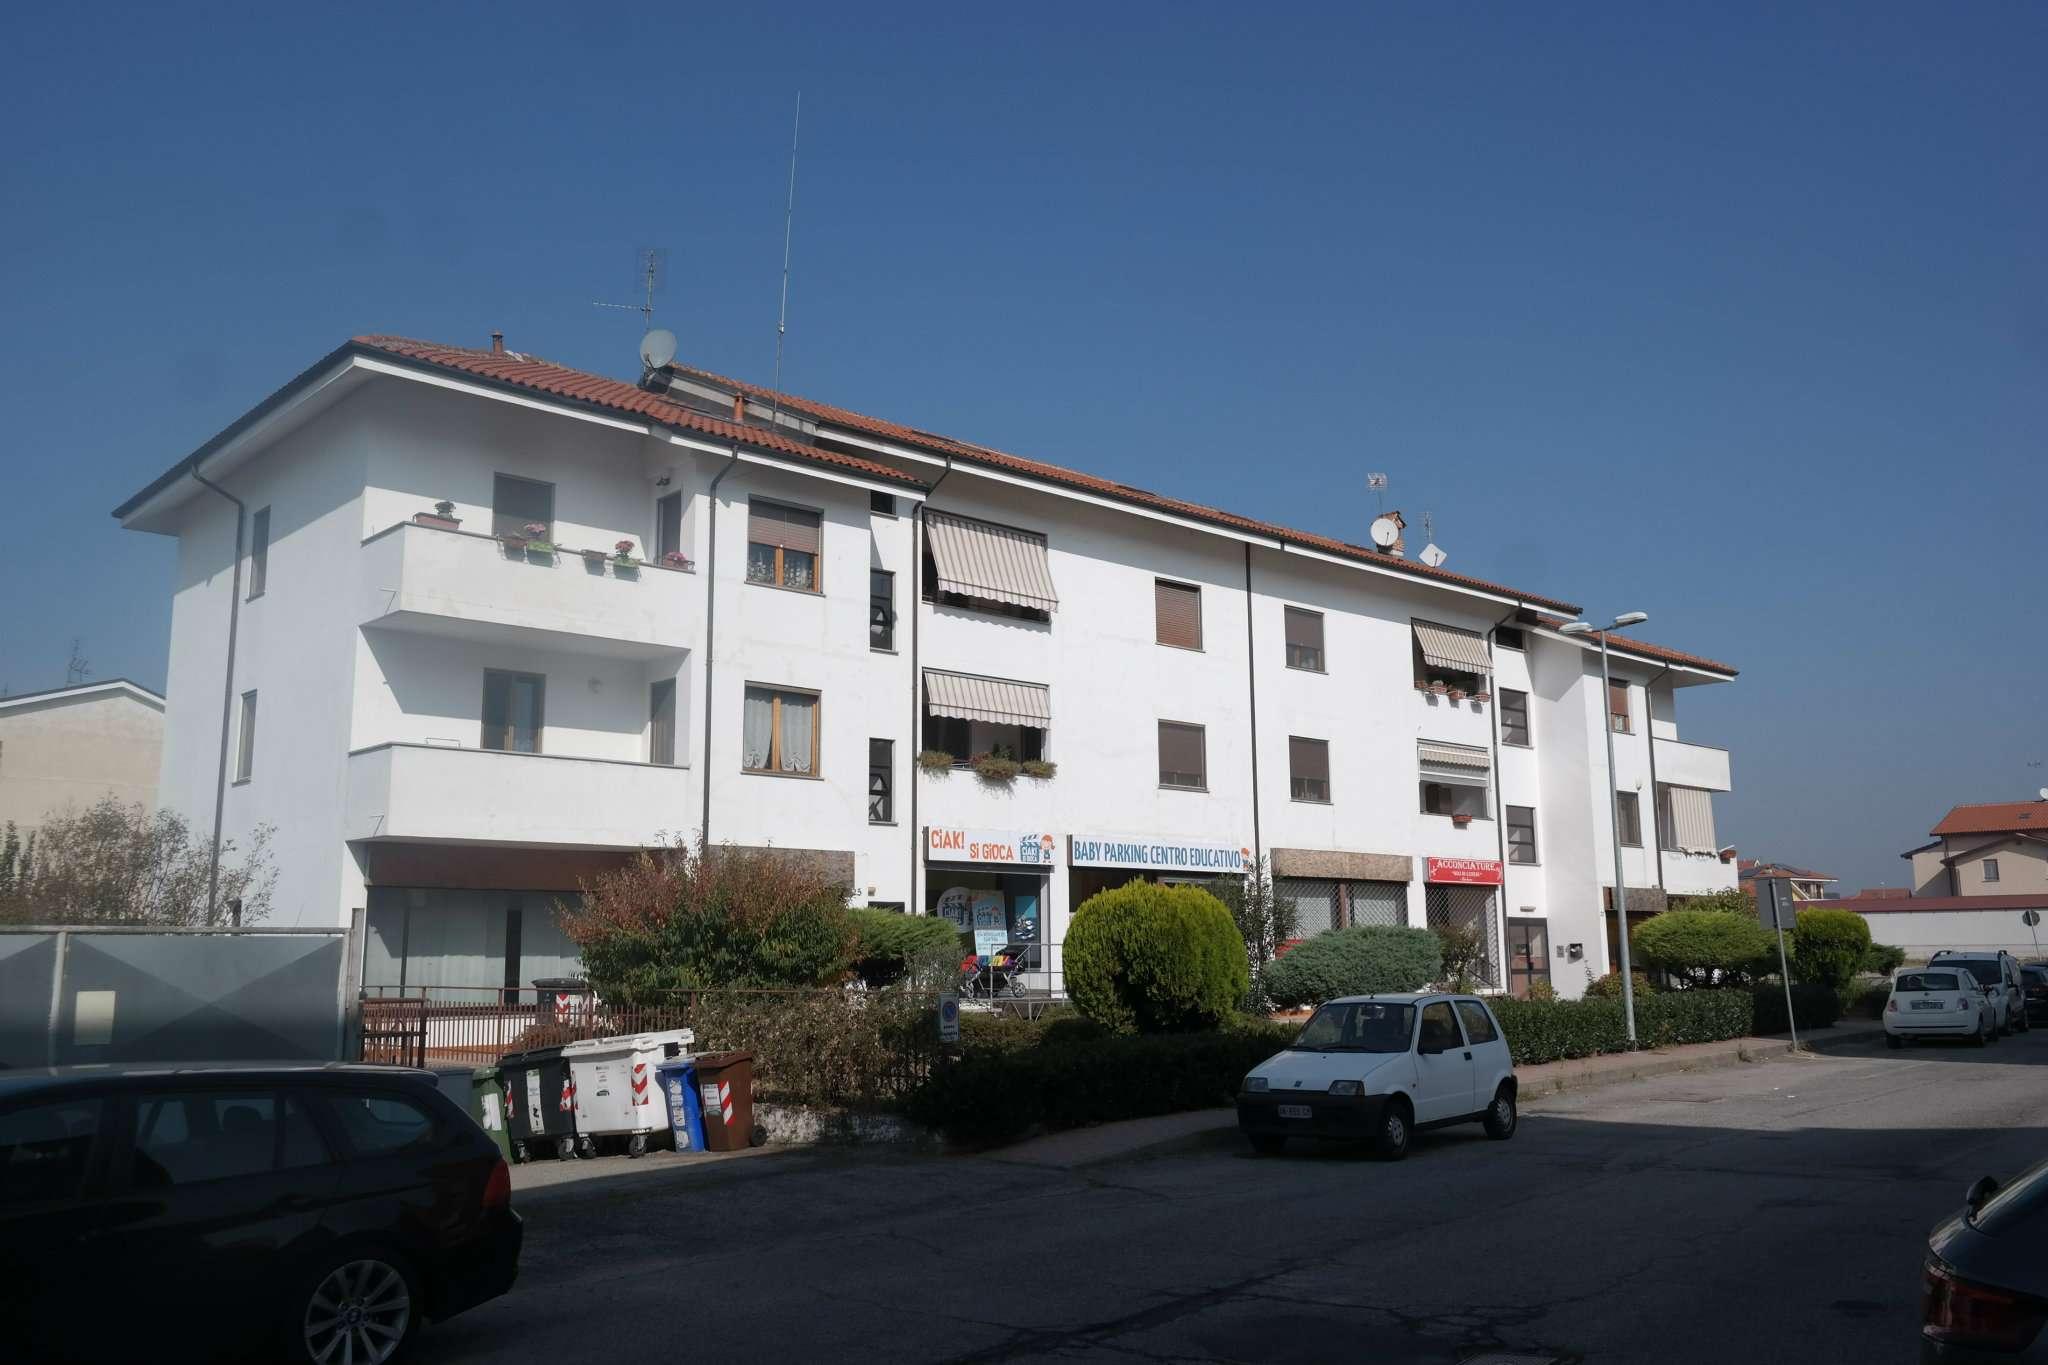 Appartamento in vendita a Santena, 3 locali, prezzo € 90.000 | CambioCasa.it